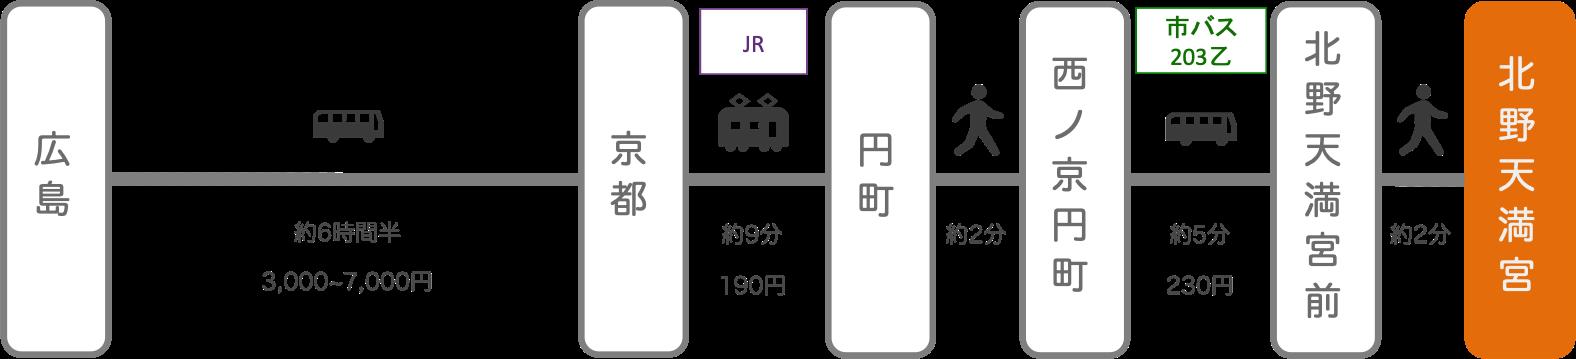 北野天満宮_広島_高速バス